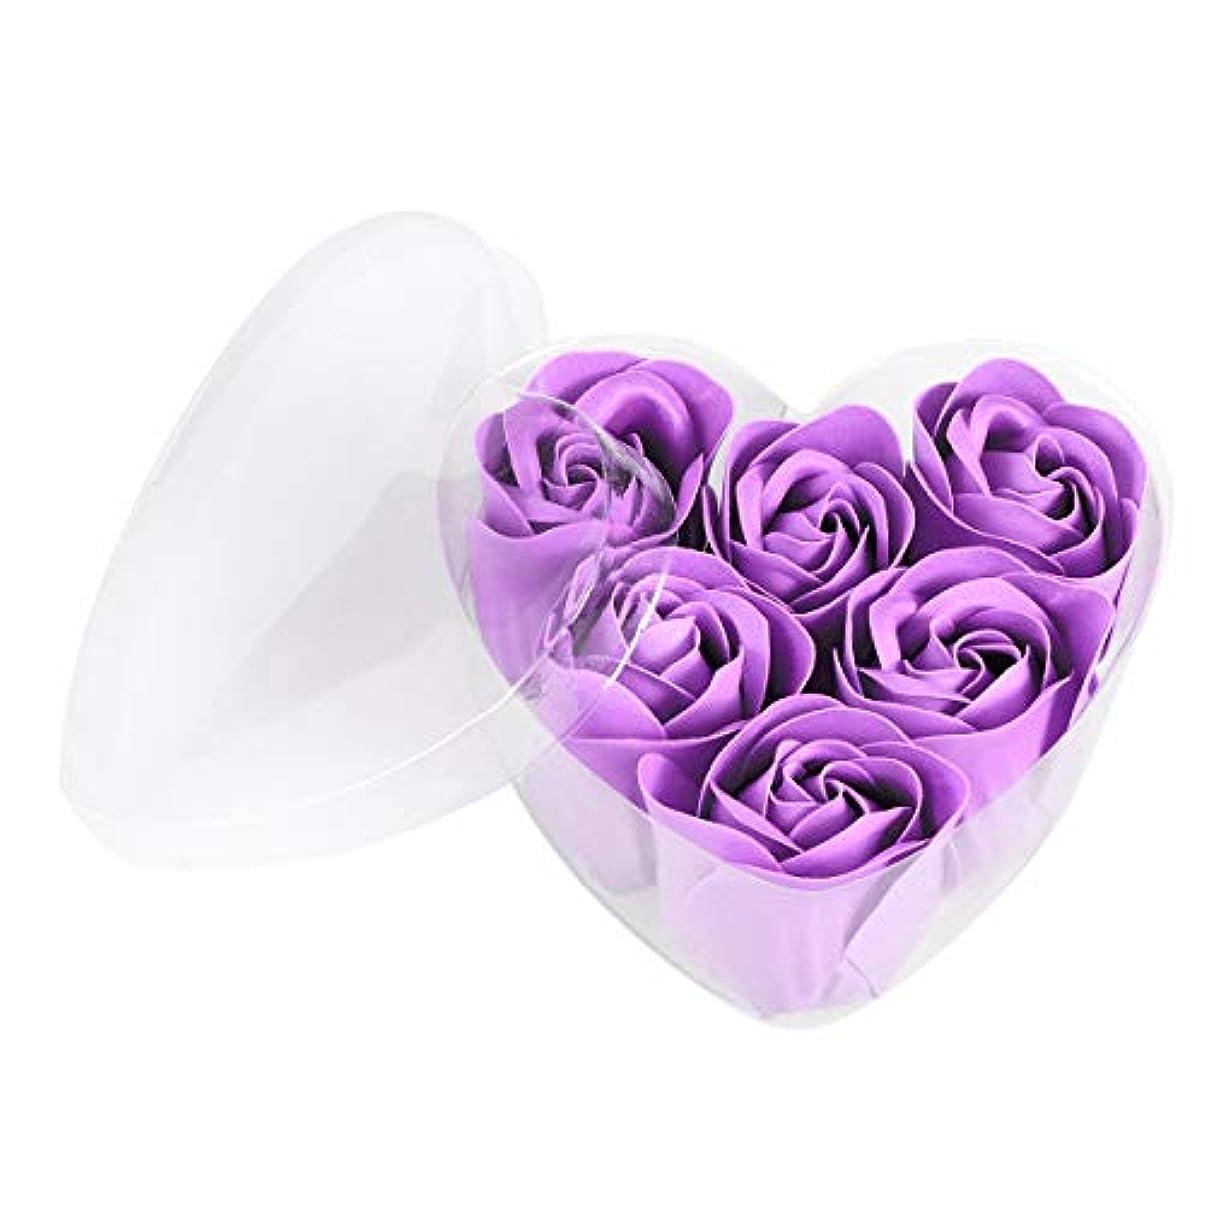 鋭く靴コンプリートBeaupretty 6本シミュレーションローズソープハート型フラワーソープギフトボックス結婚式の誕生日Valentin's Day(紫)